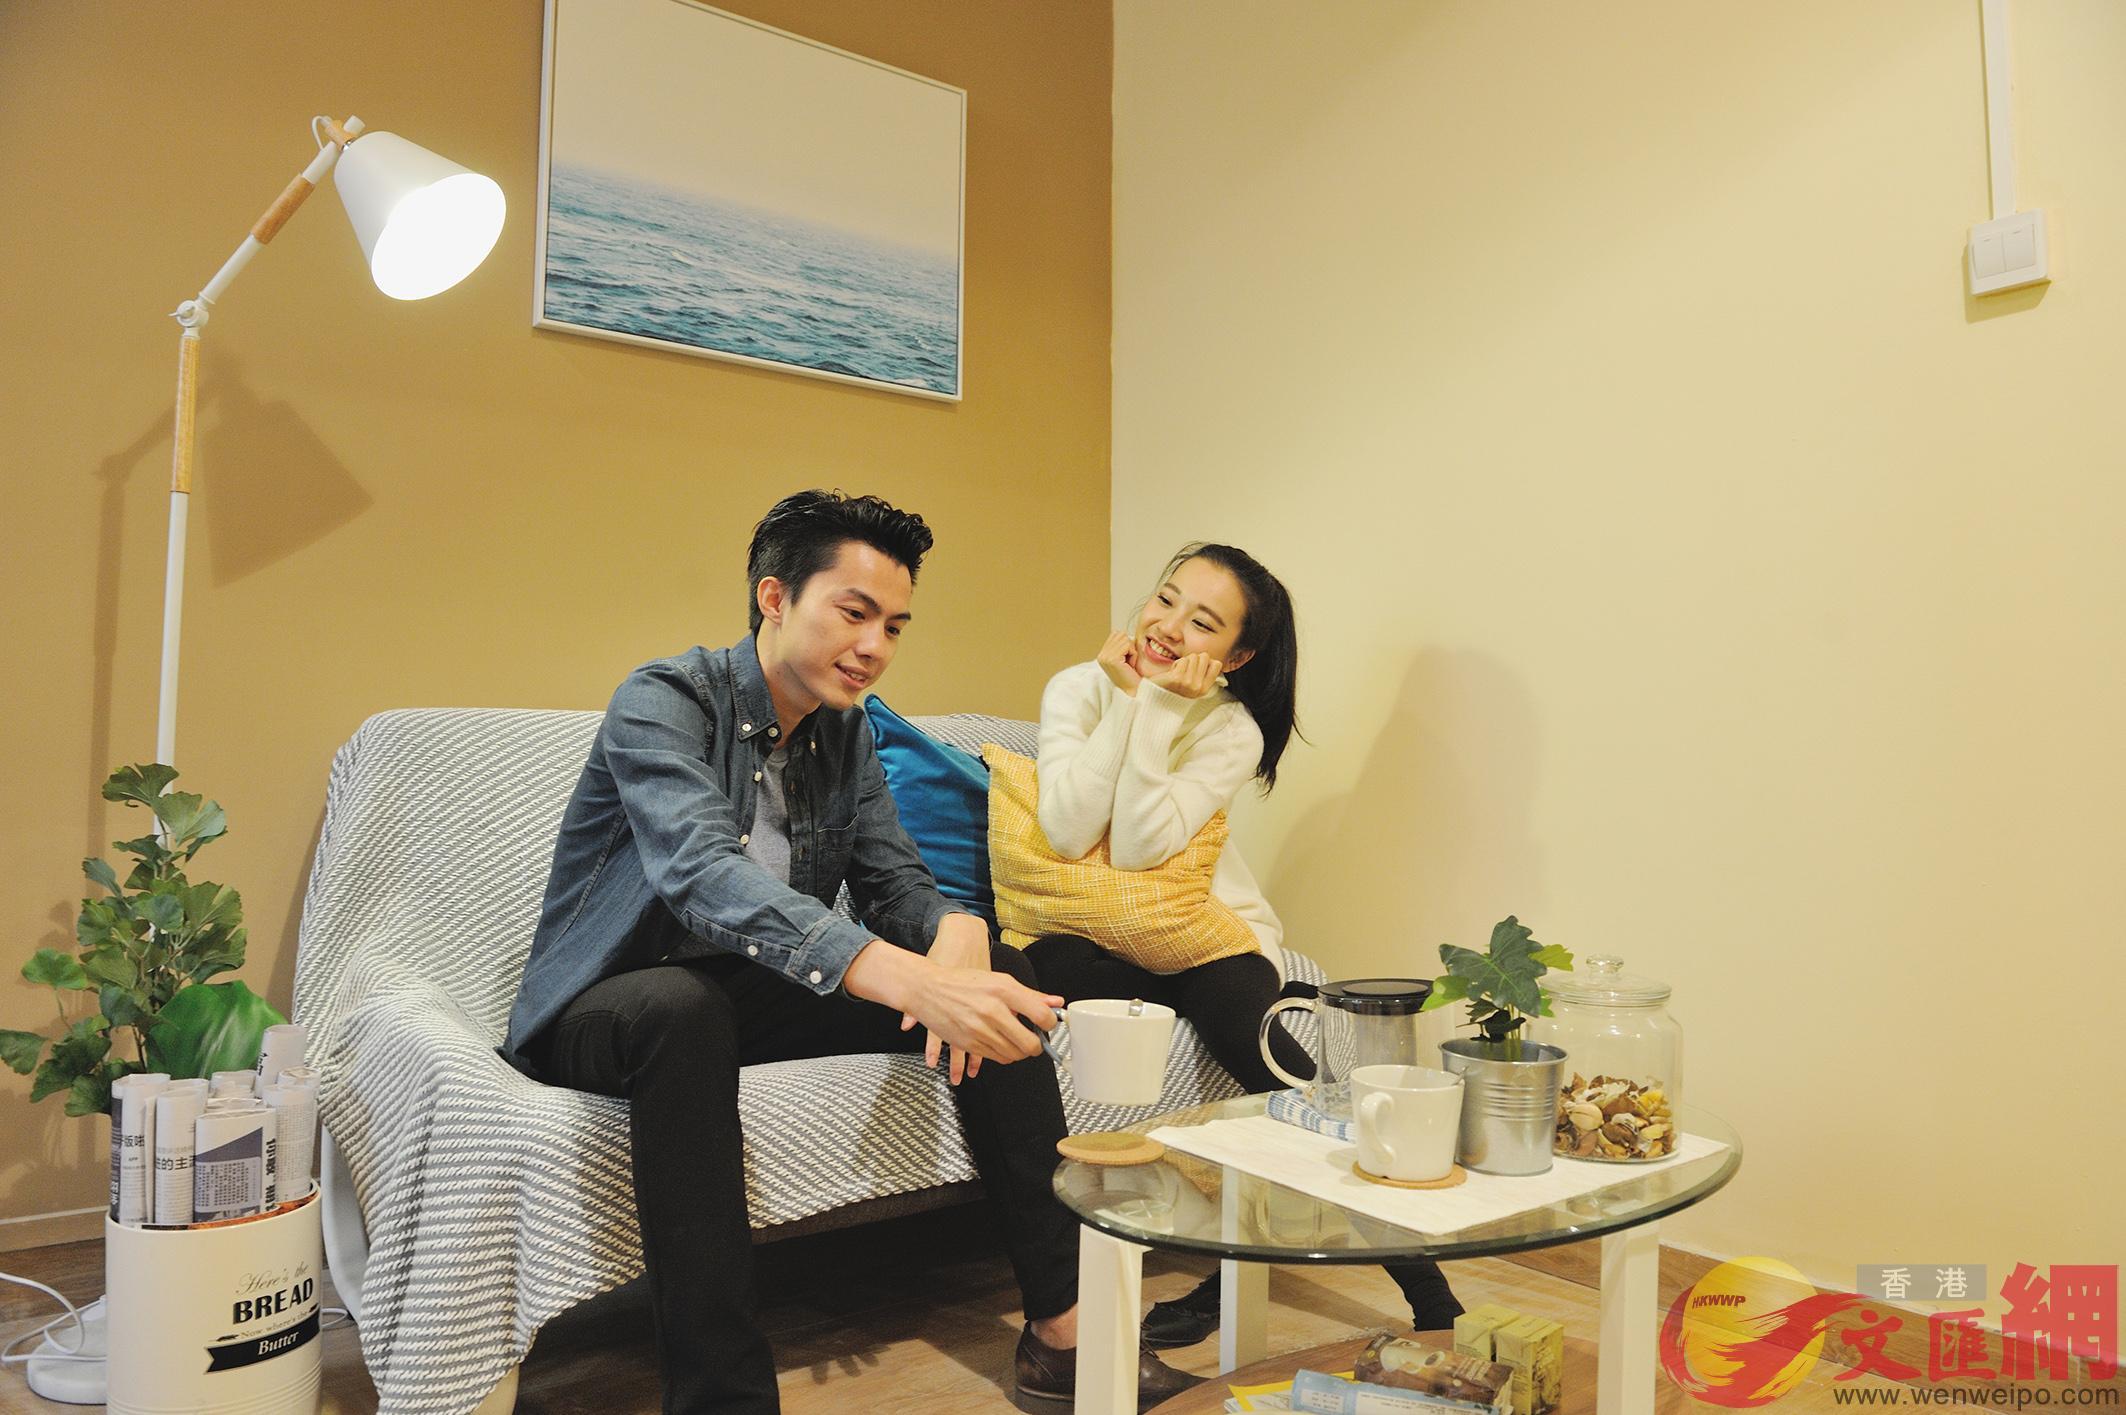 長租公寓以其舒適、配套齊全等吸引大量白領入住。記者李昌鴻 攝